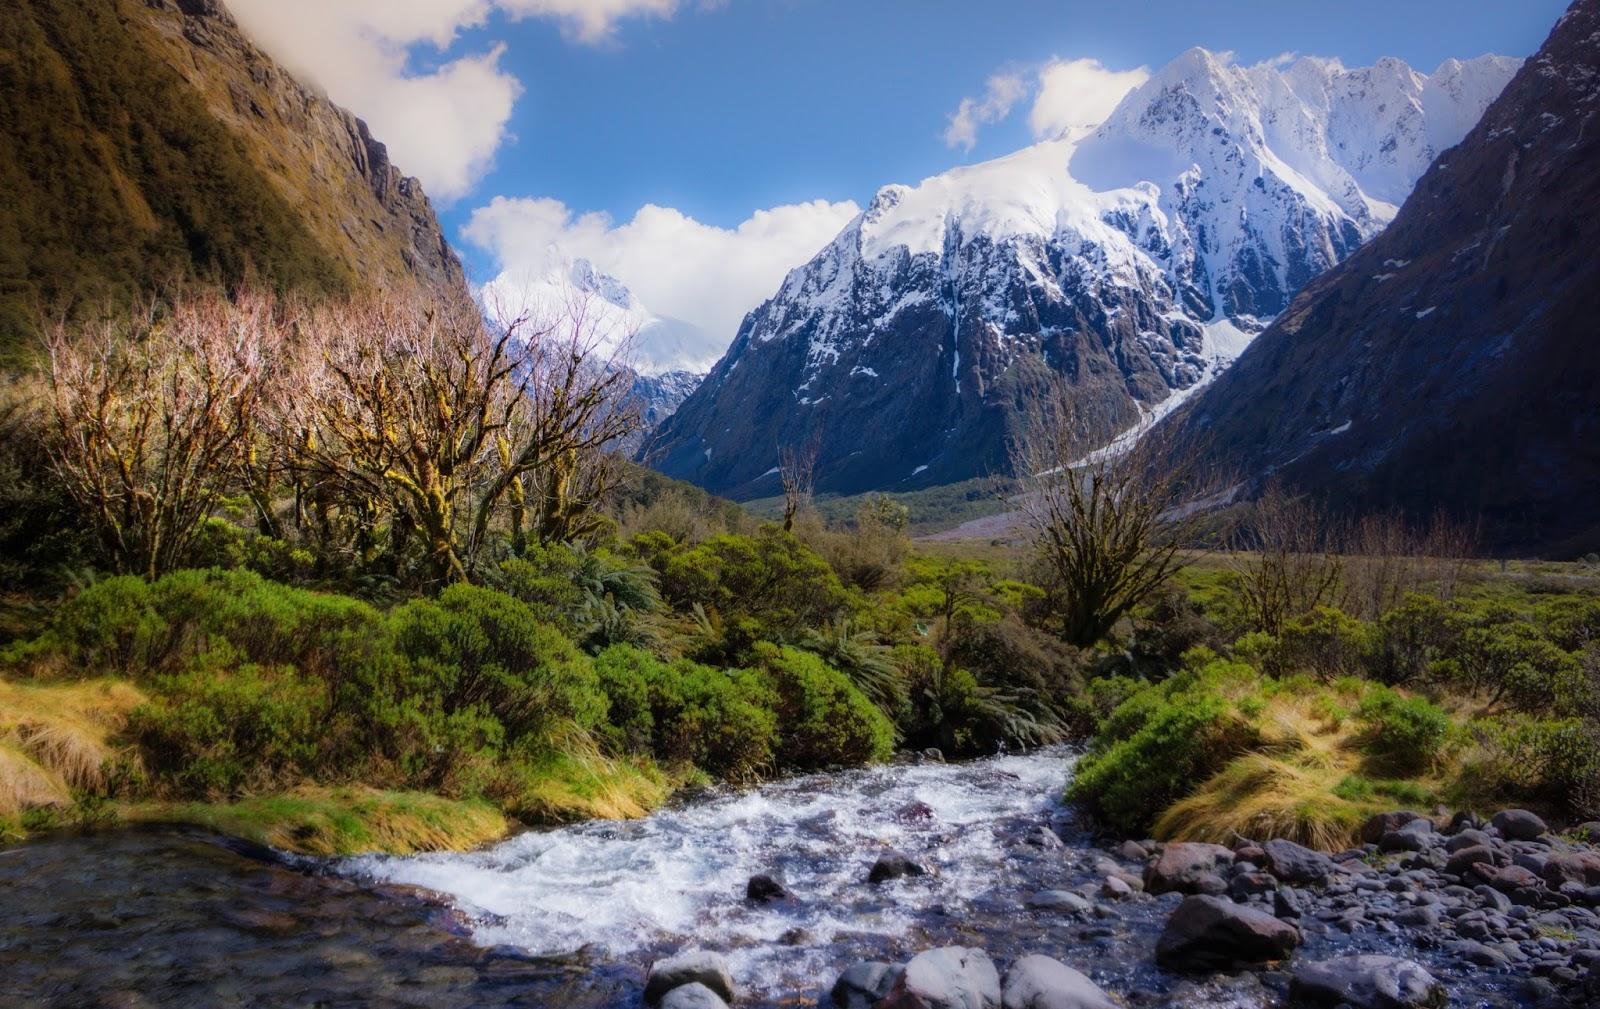 Potentes Montañas Nevadas Fondos De Pantalla: Imagenes Y Wallpapers: Fondo De Pantalla Paisaje Montañas